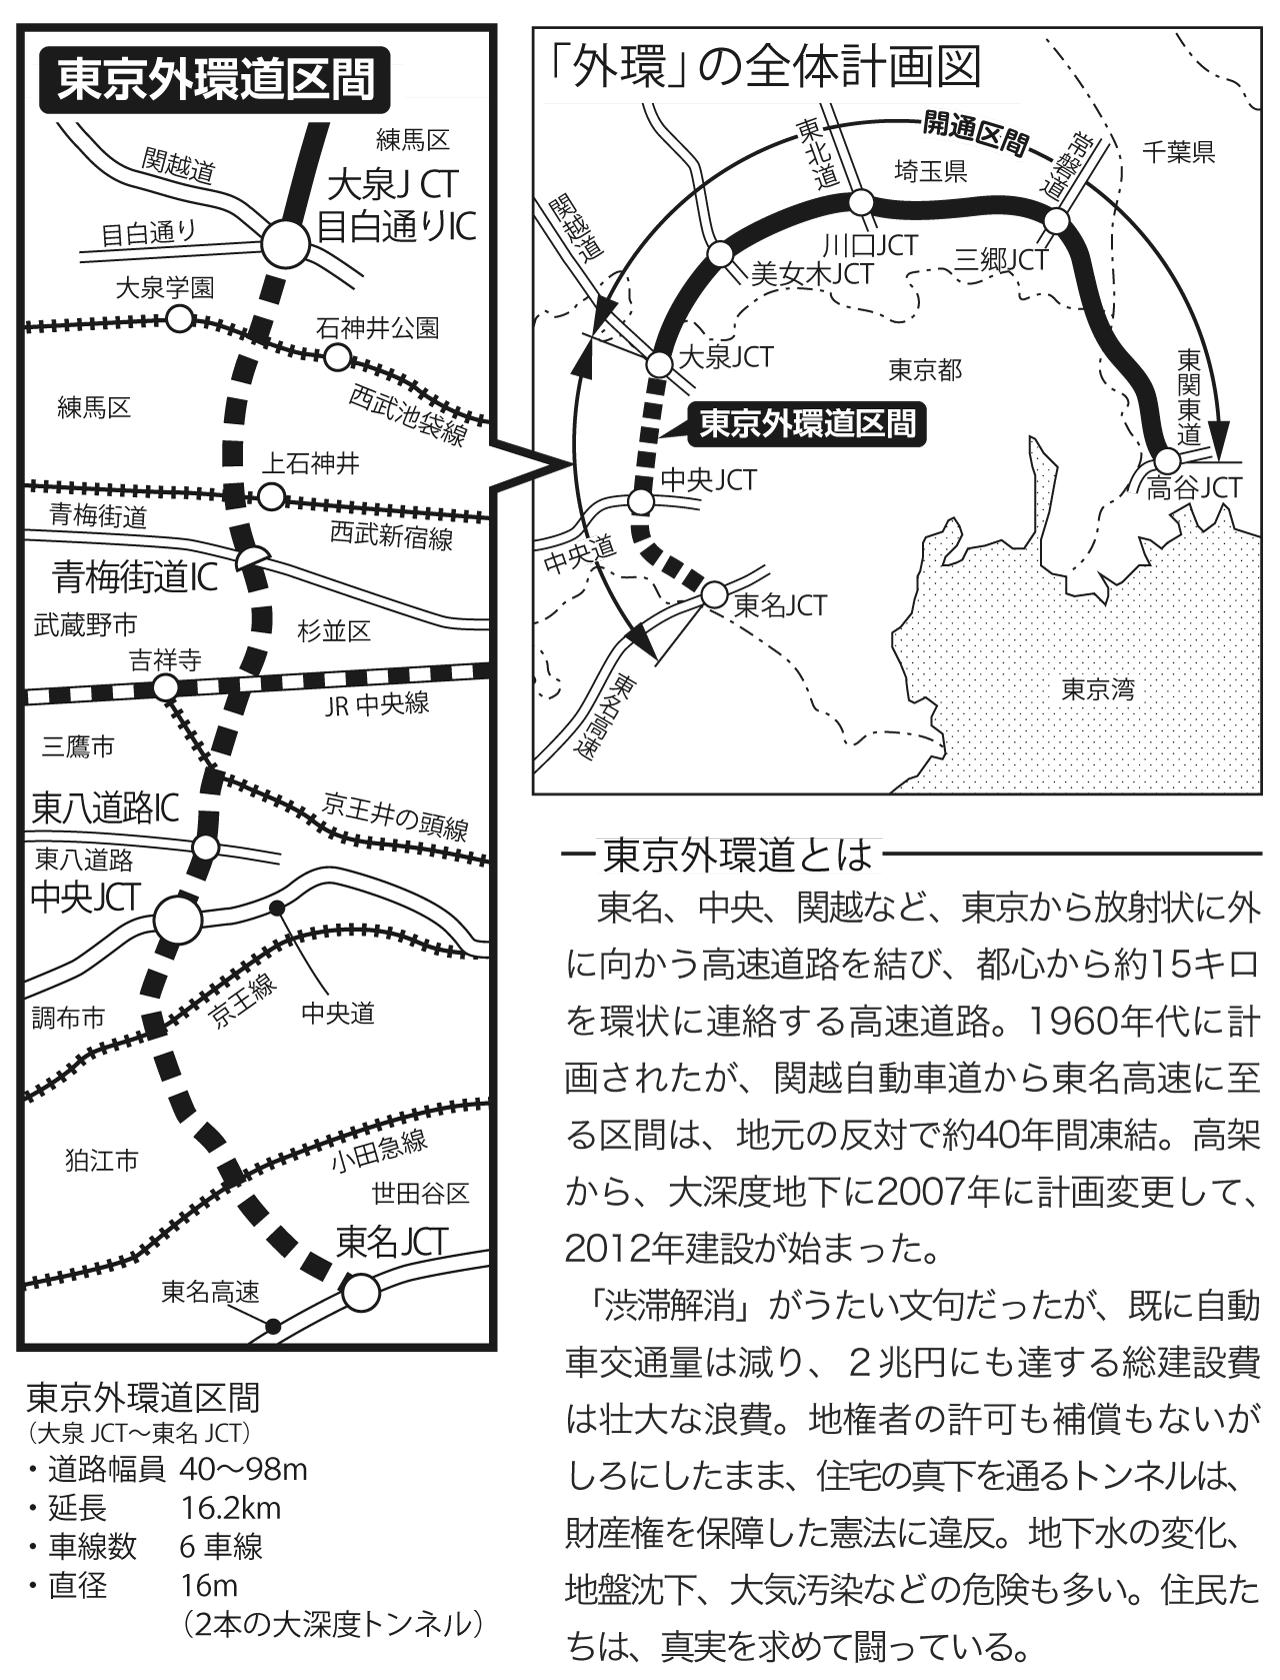 東京外環道とは